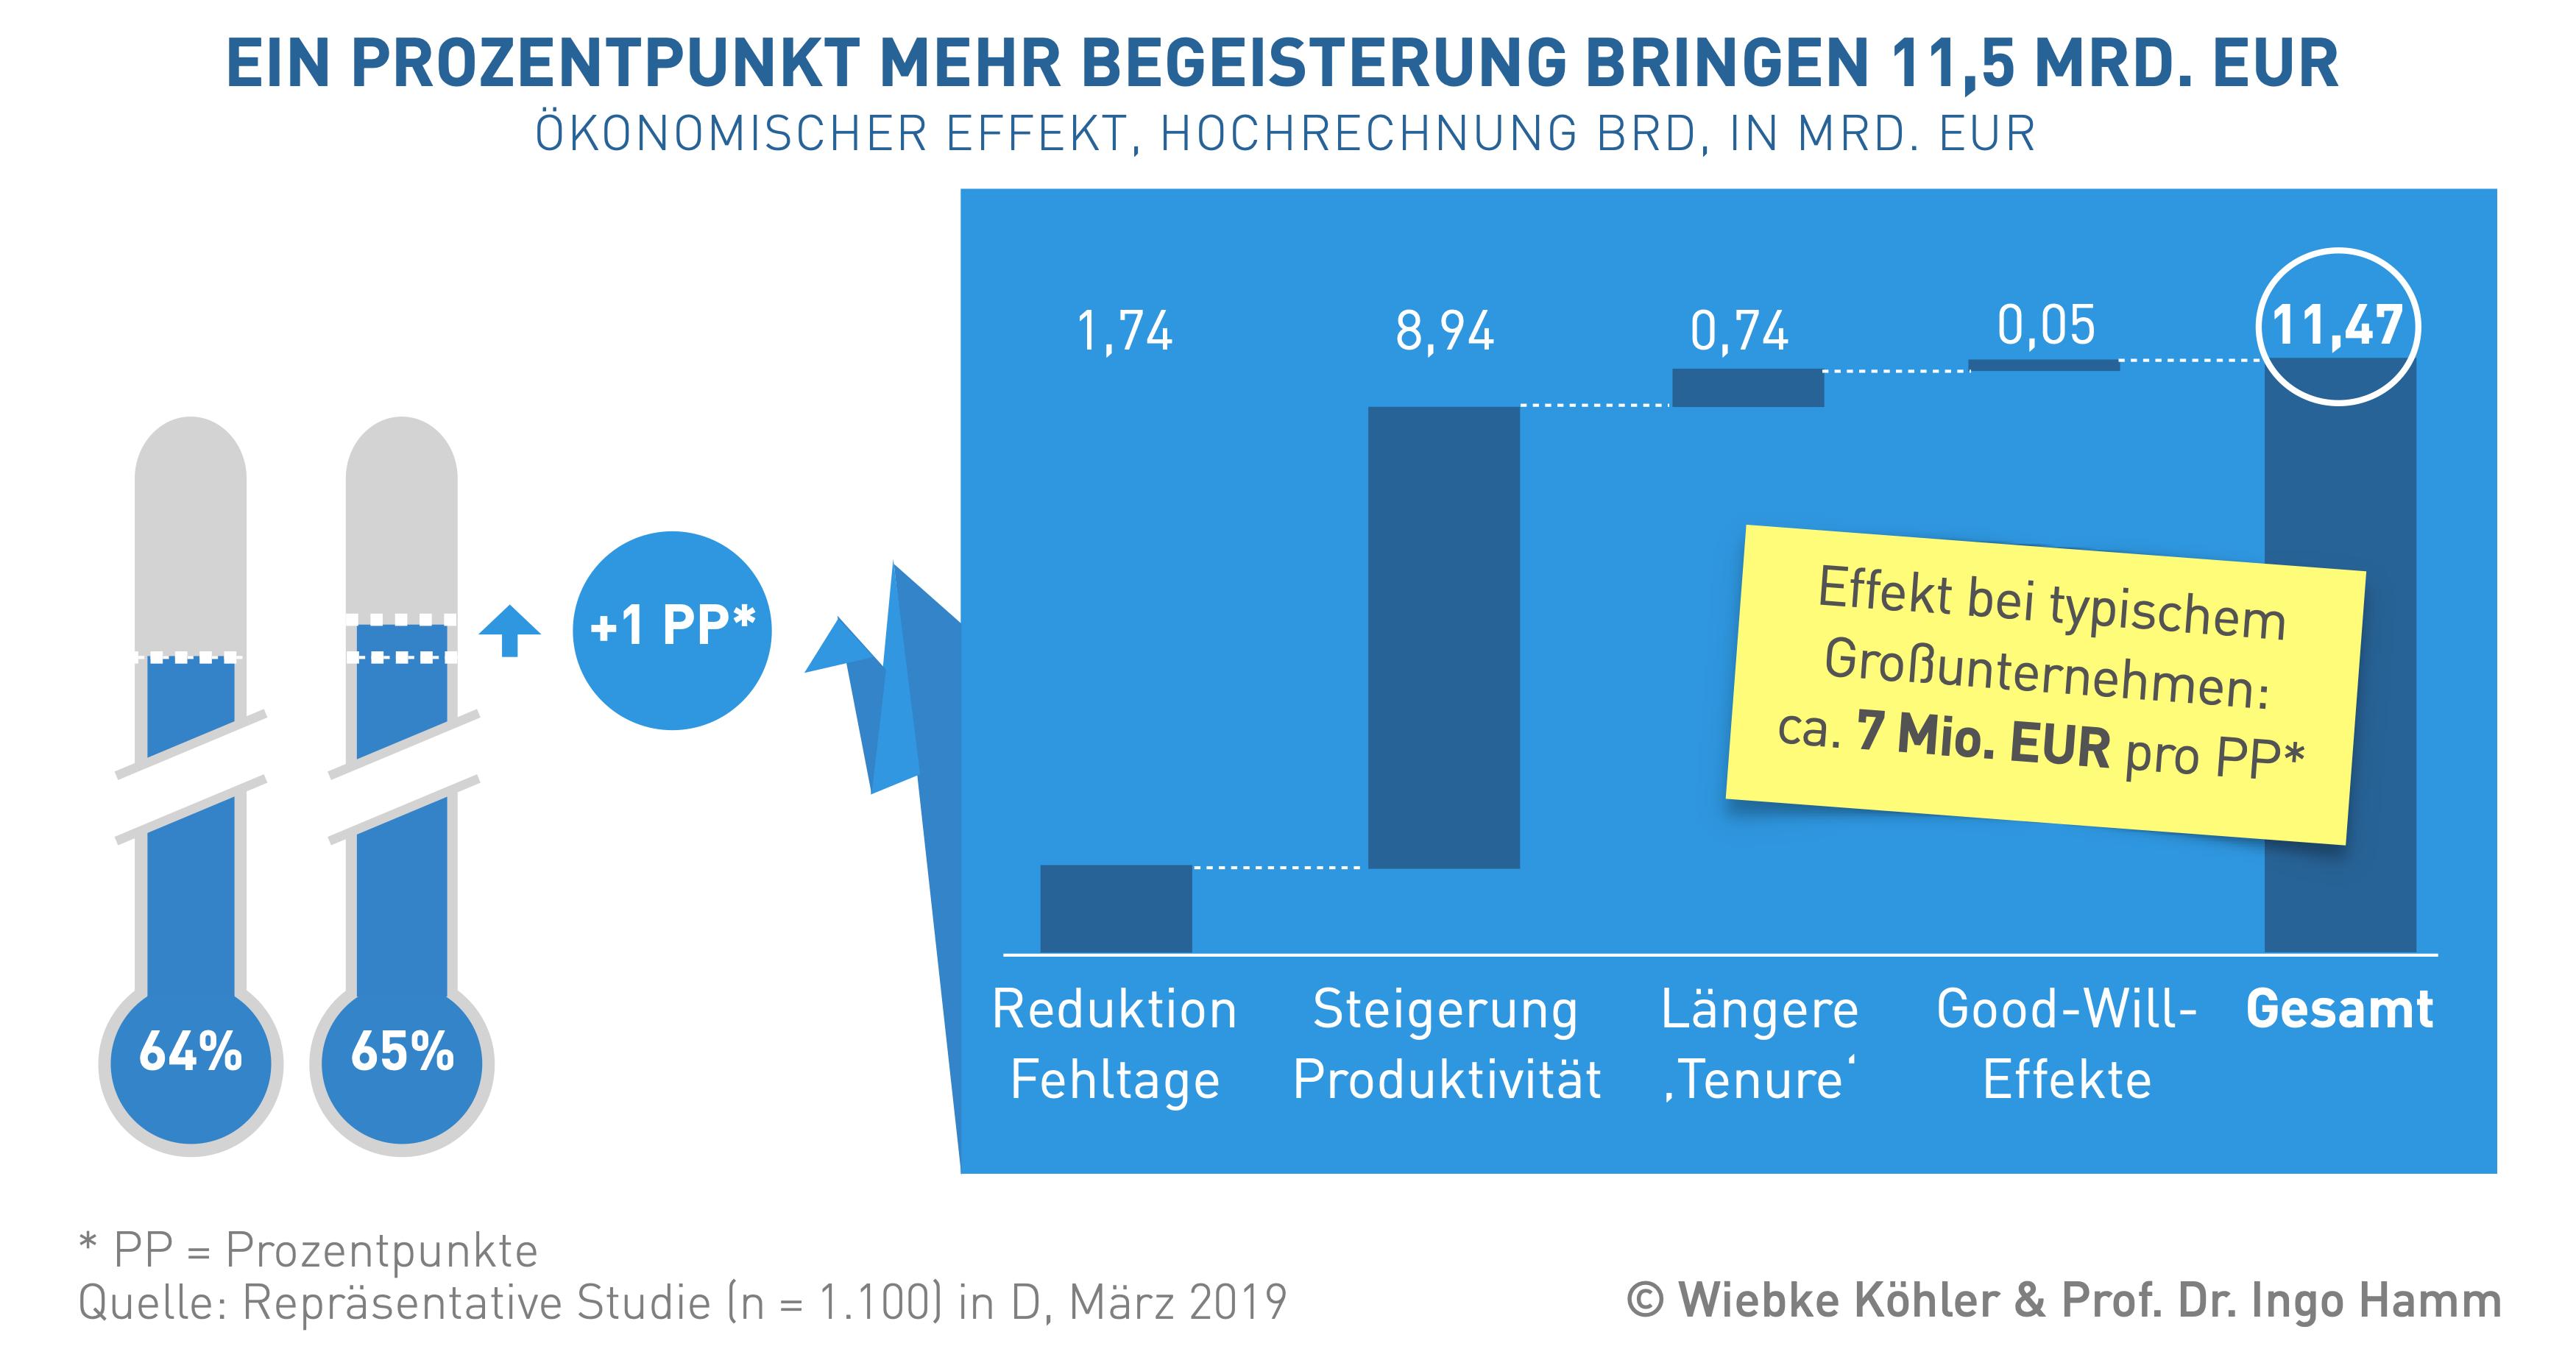 """Forschung - Forschungsprojekt """"Wettbewerbsfaktor Mensch"""" - Ein Prozentpunkt mehr Begeisterung bringen 11,5 Mrd. EUR"""